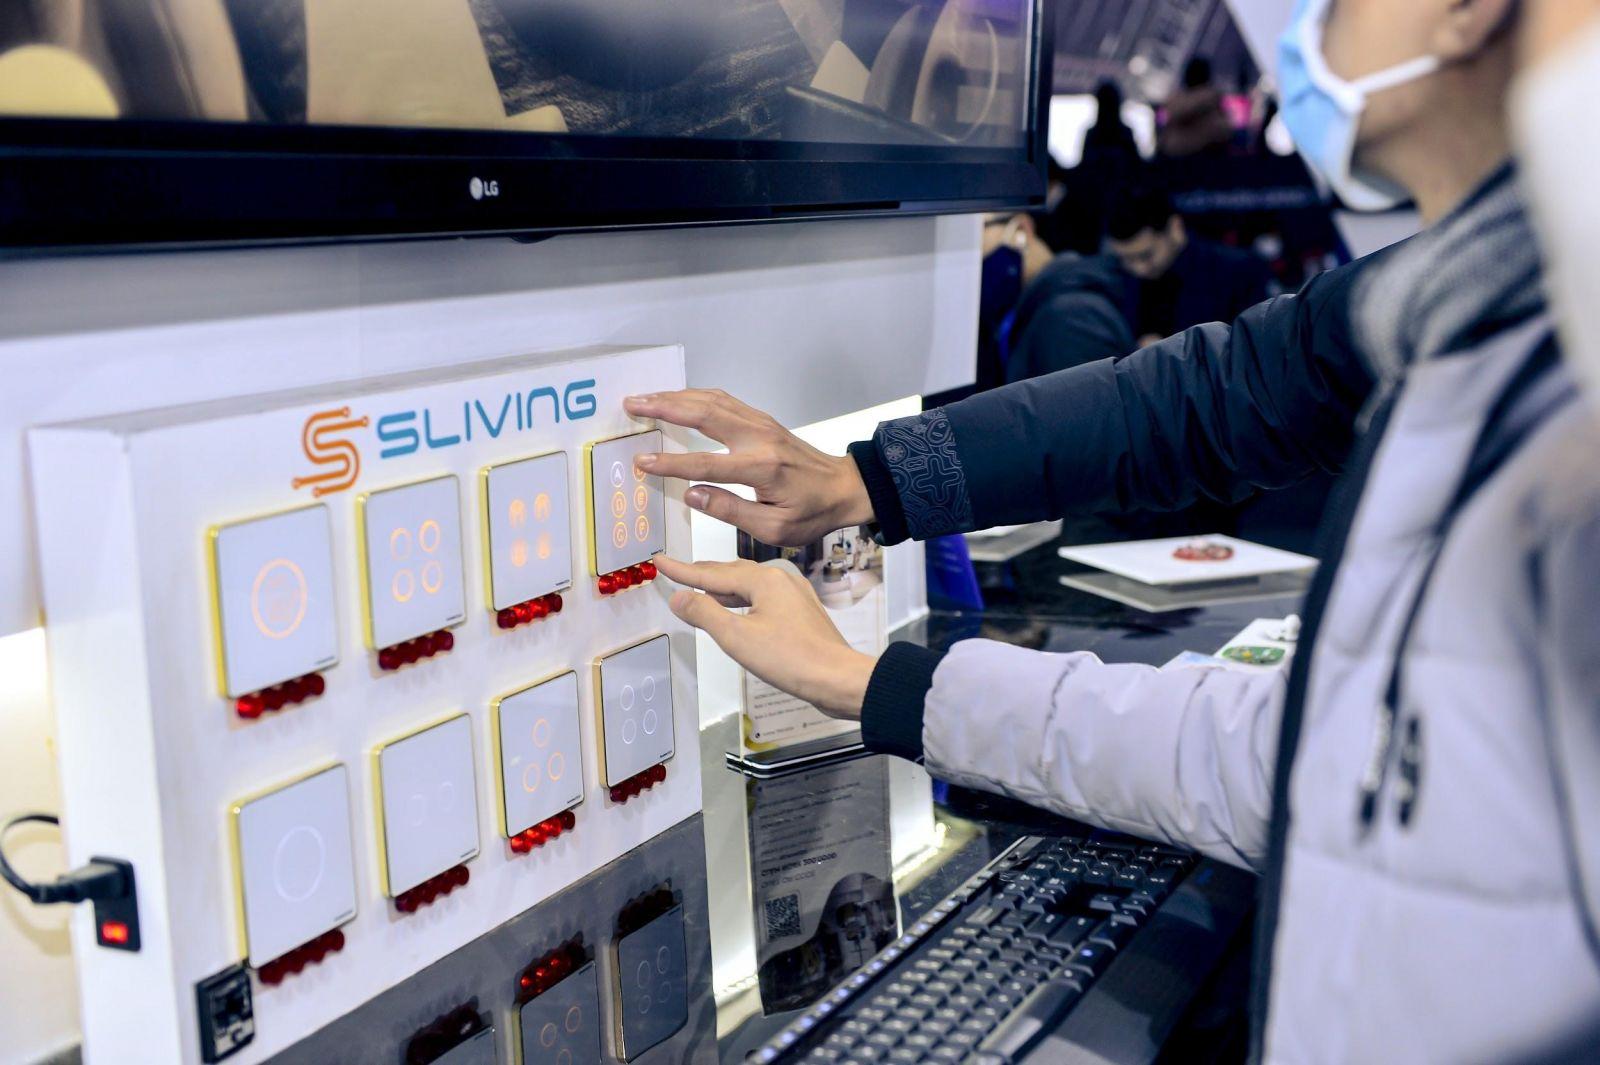 Các sản phẩm Sliving IoT của Sunshine Group thu hút sự chú ý của đông đảo khách tham gia triển lãm